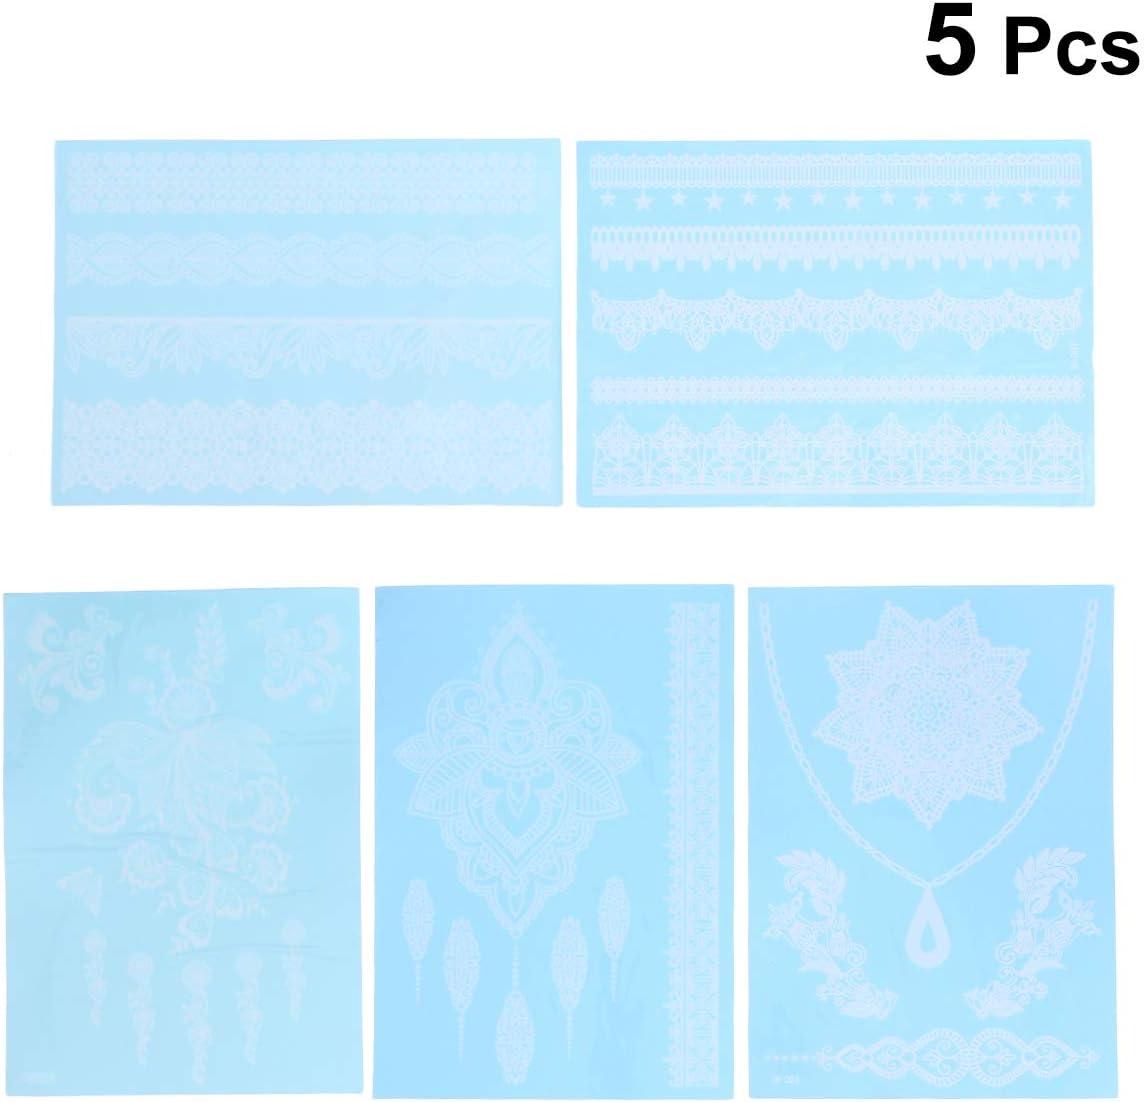 STOBOK 5Pz Tatuaggi Temporanei Impermeabile Pizzo Bianco Adesivi Tatuaggio Falsi per Uomo Donna Bambini Modello Casuale